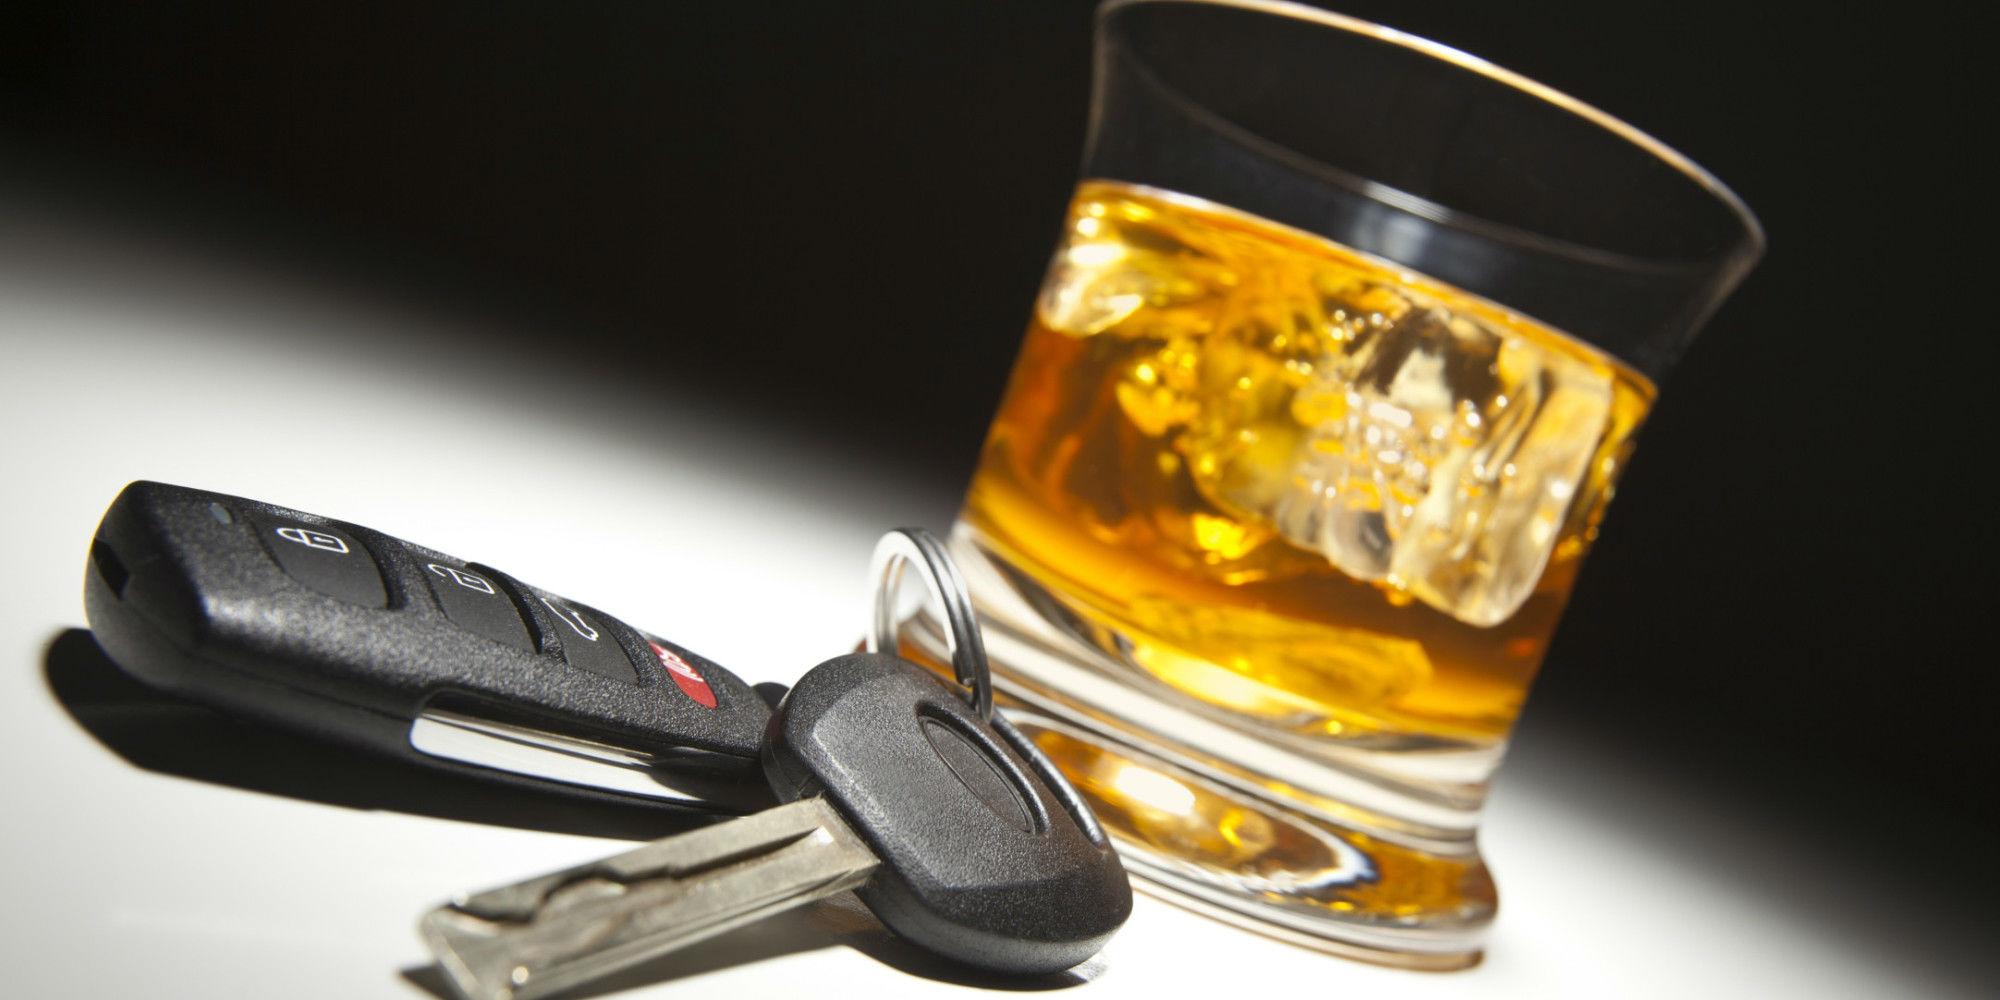 Beber al volante 1